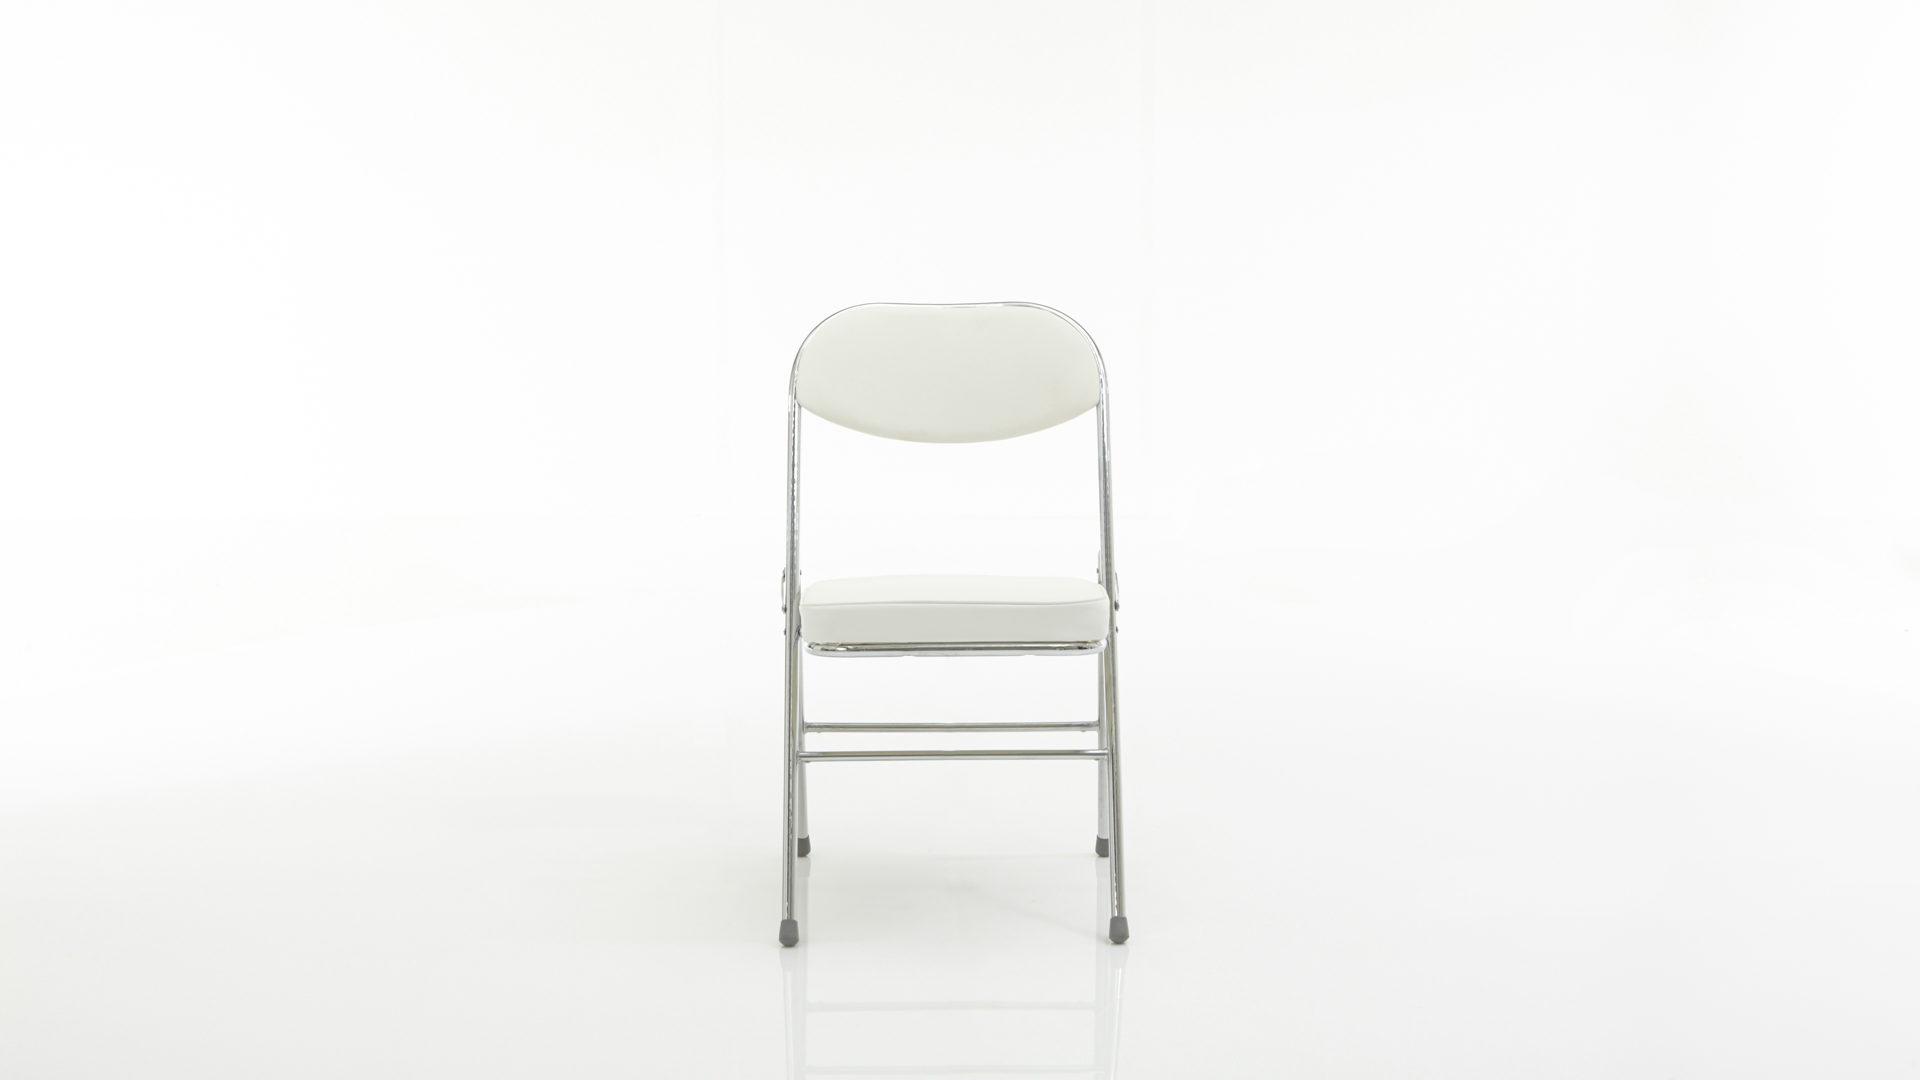 Klappstuhl Finori Aus Kunstleder In Weiß Klappstuhl Bzw. Polsterstuhl Als  Zeitloses Sitzmöbel Weißes Kunstleder U0026